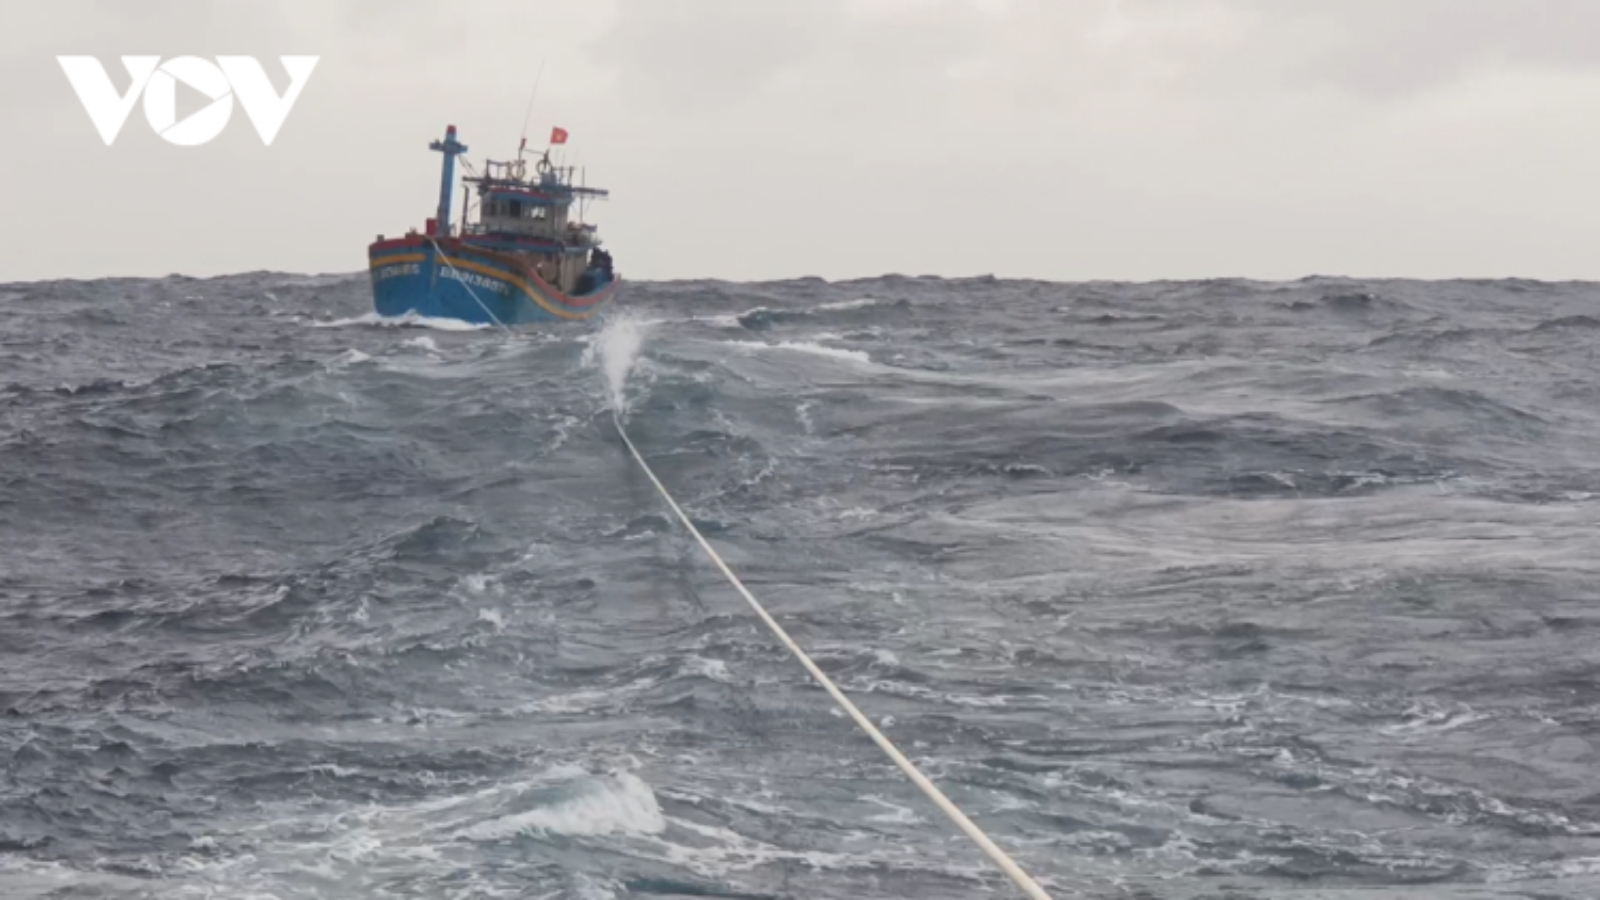 23 tàu cá đang chủ động di chuyển tránhkhu vực nguy hiểm của bão số 6